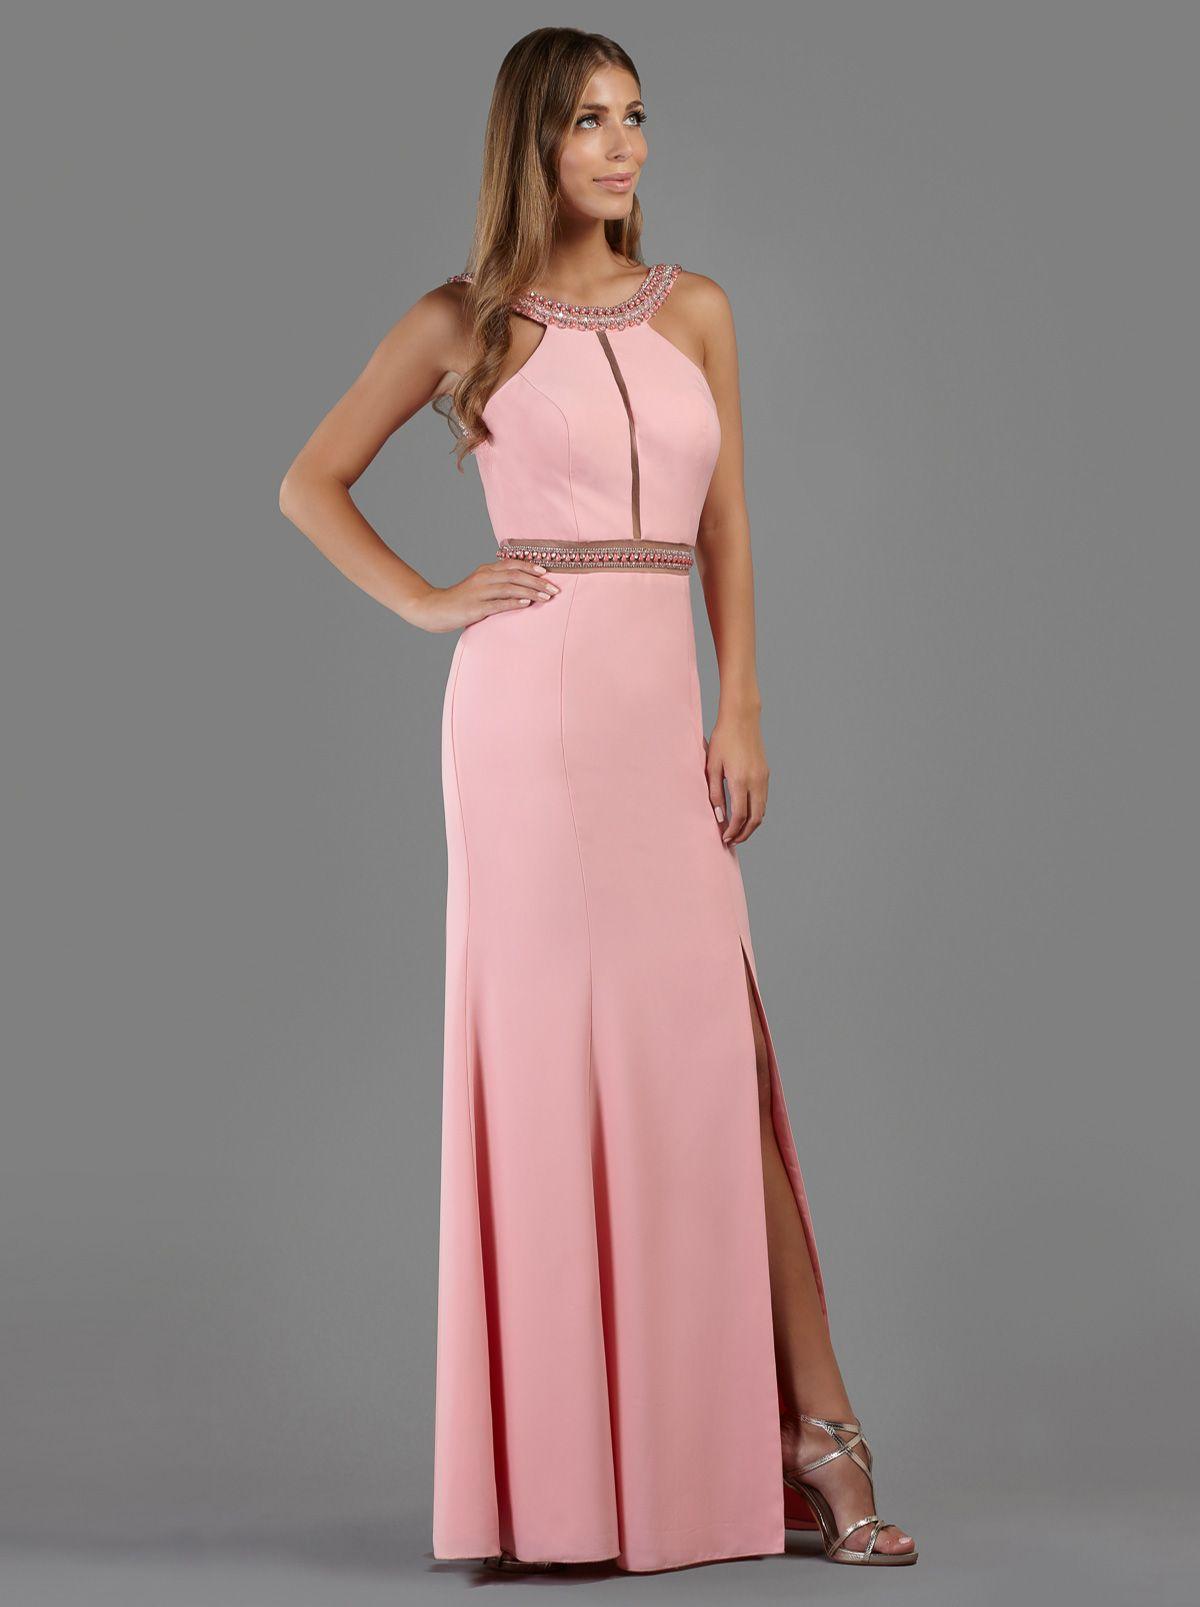 758576588629 Βραδινό μακρύ φόρεμα με κέντημα και σκίσιμο μπροστά